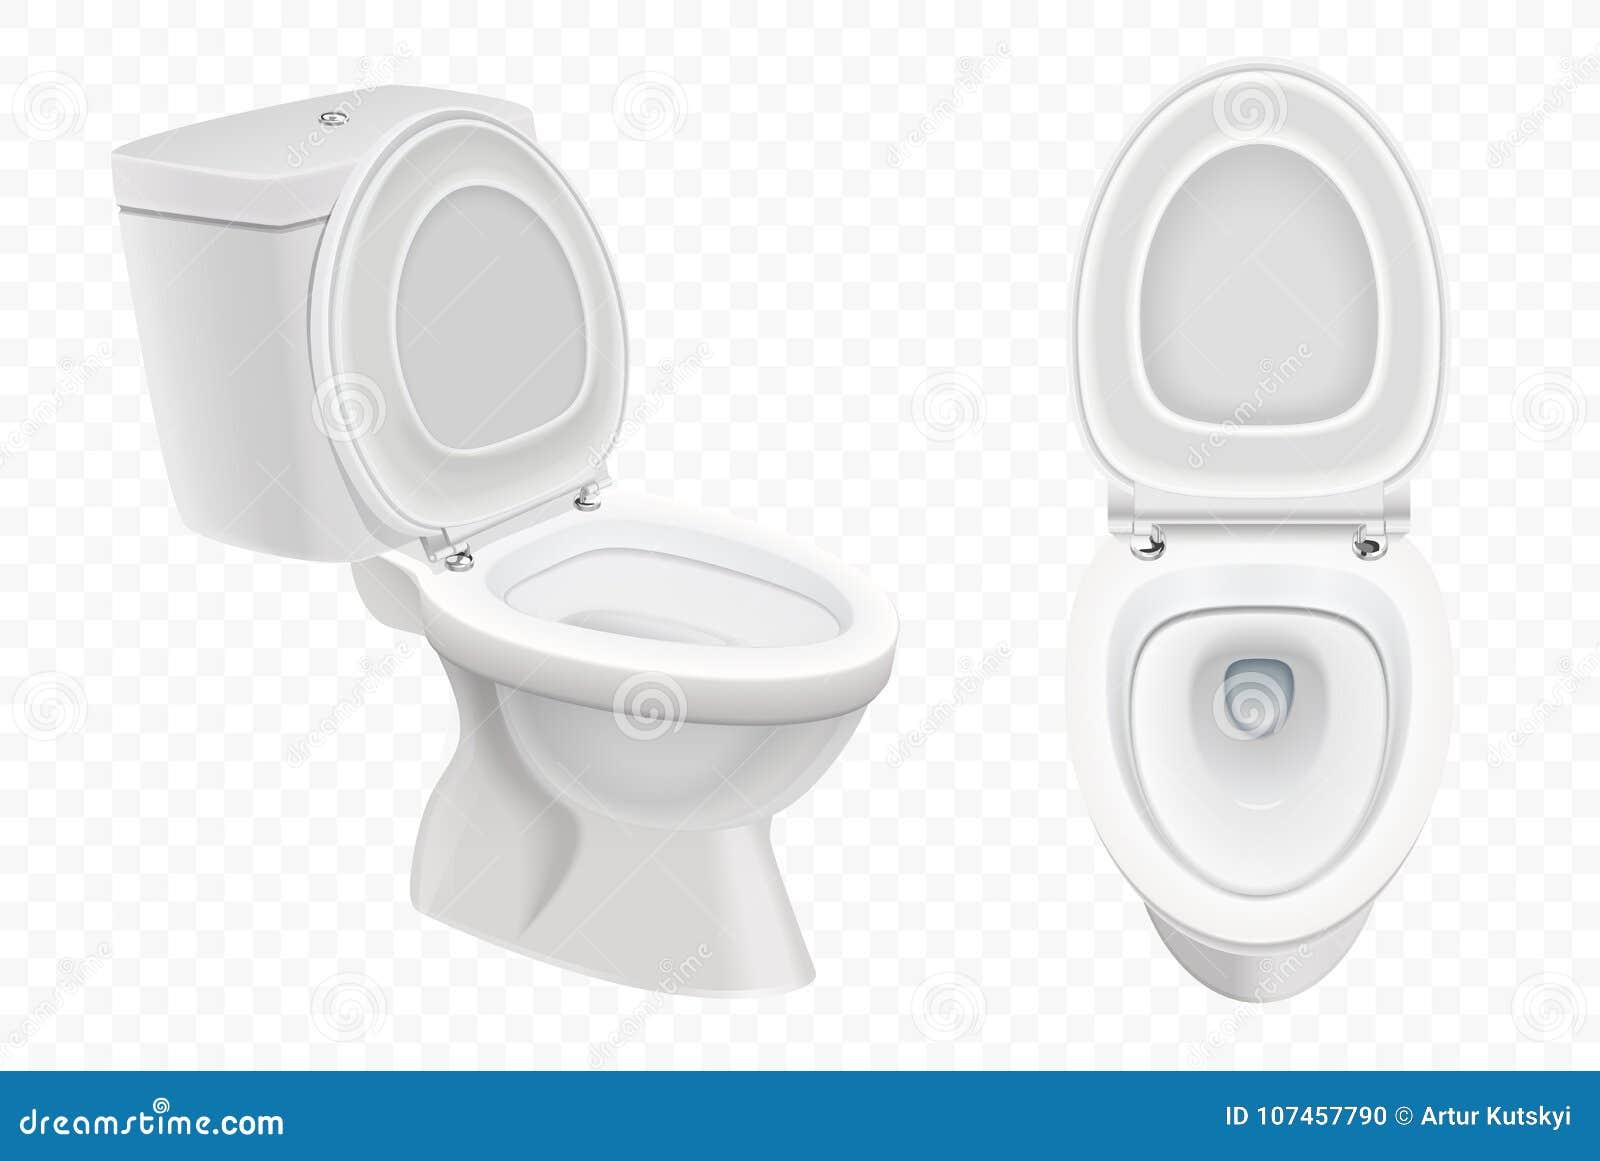 Realistisches Toilettenschusselmodell Weisse Toilette 3d Auf Alpha